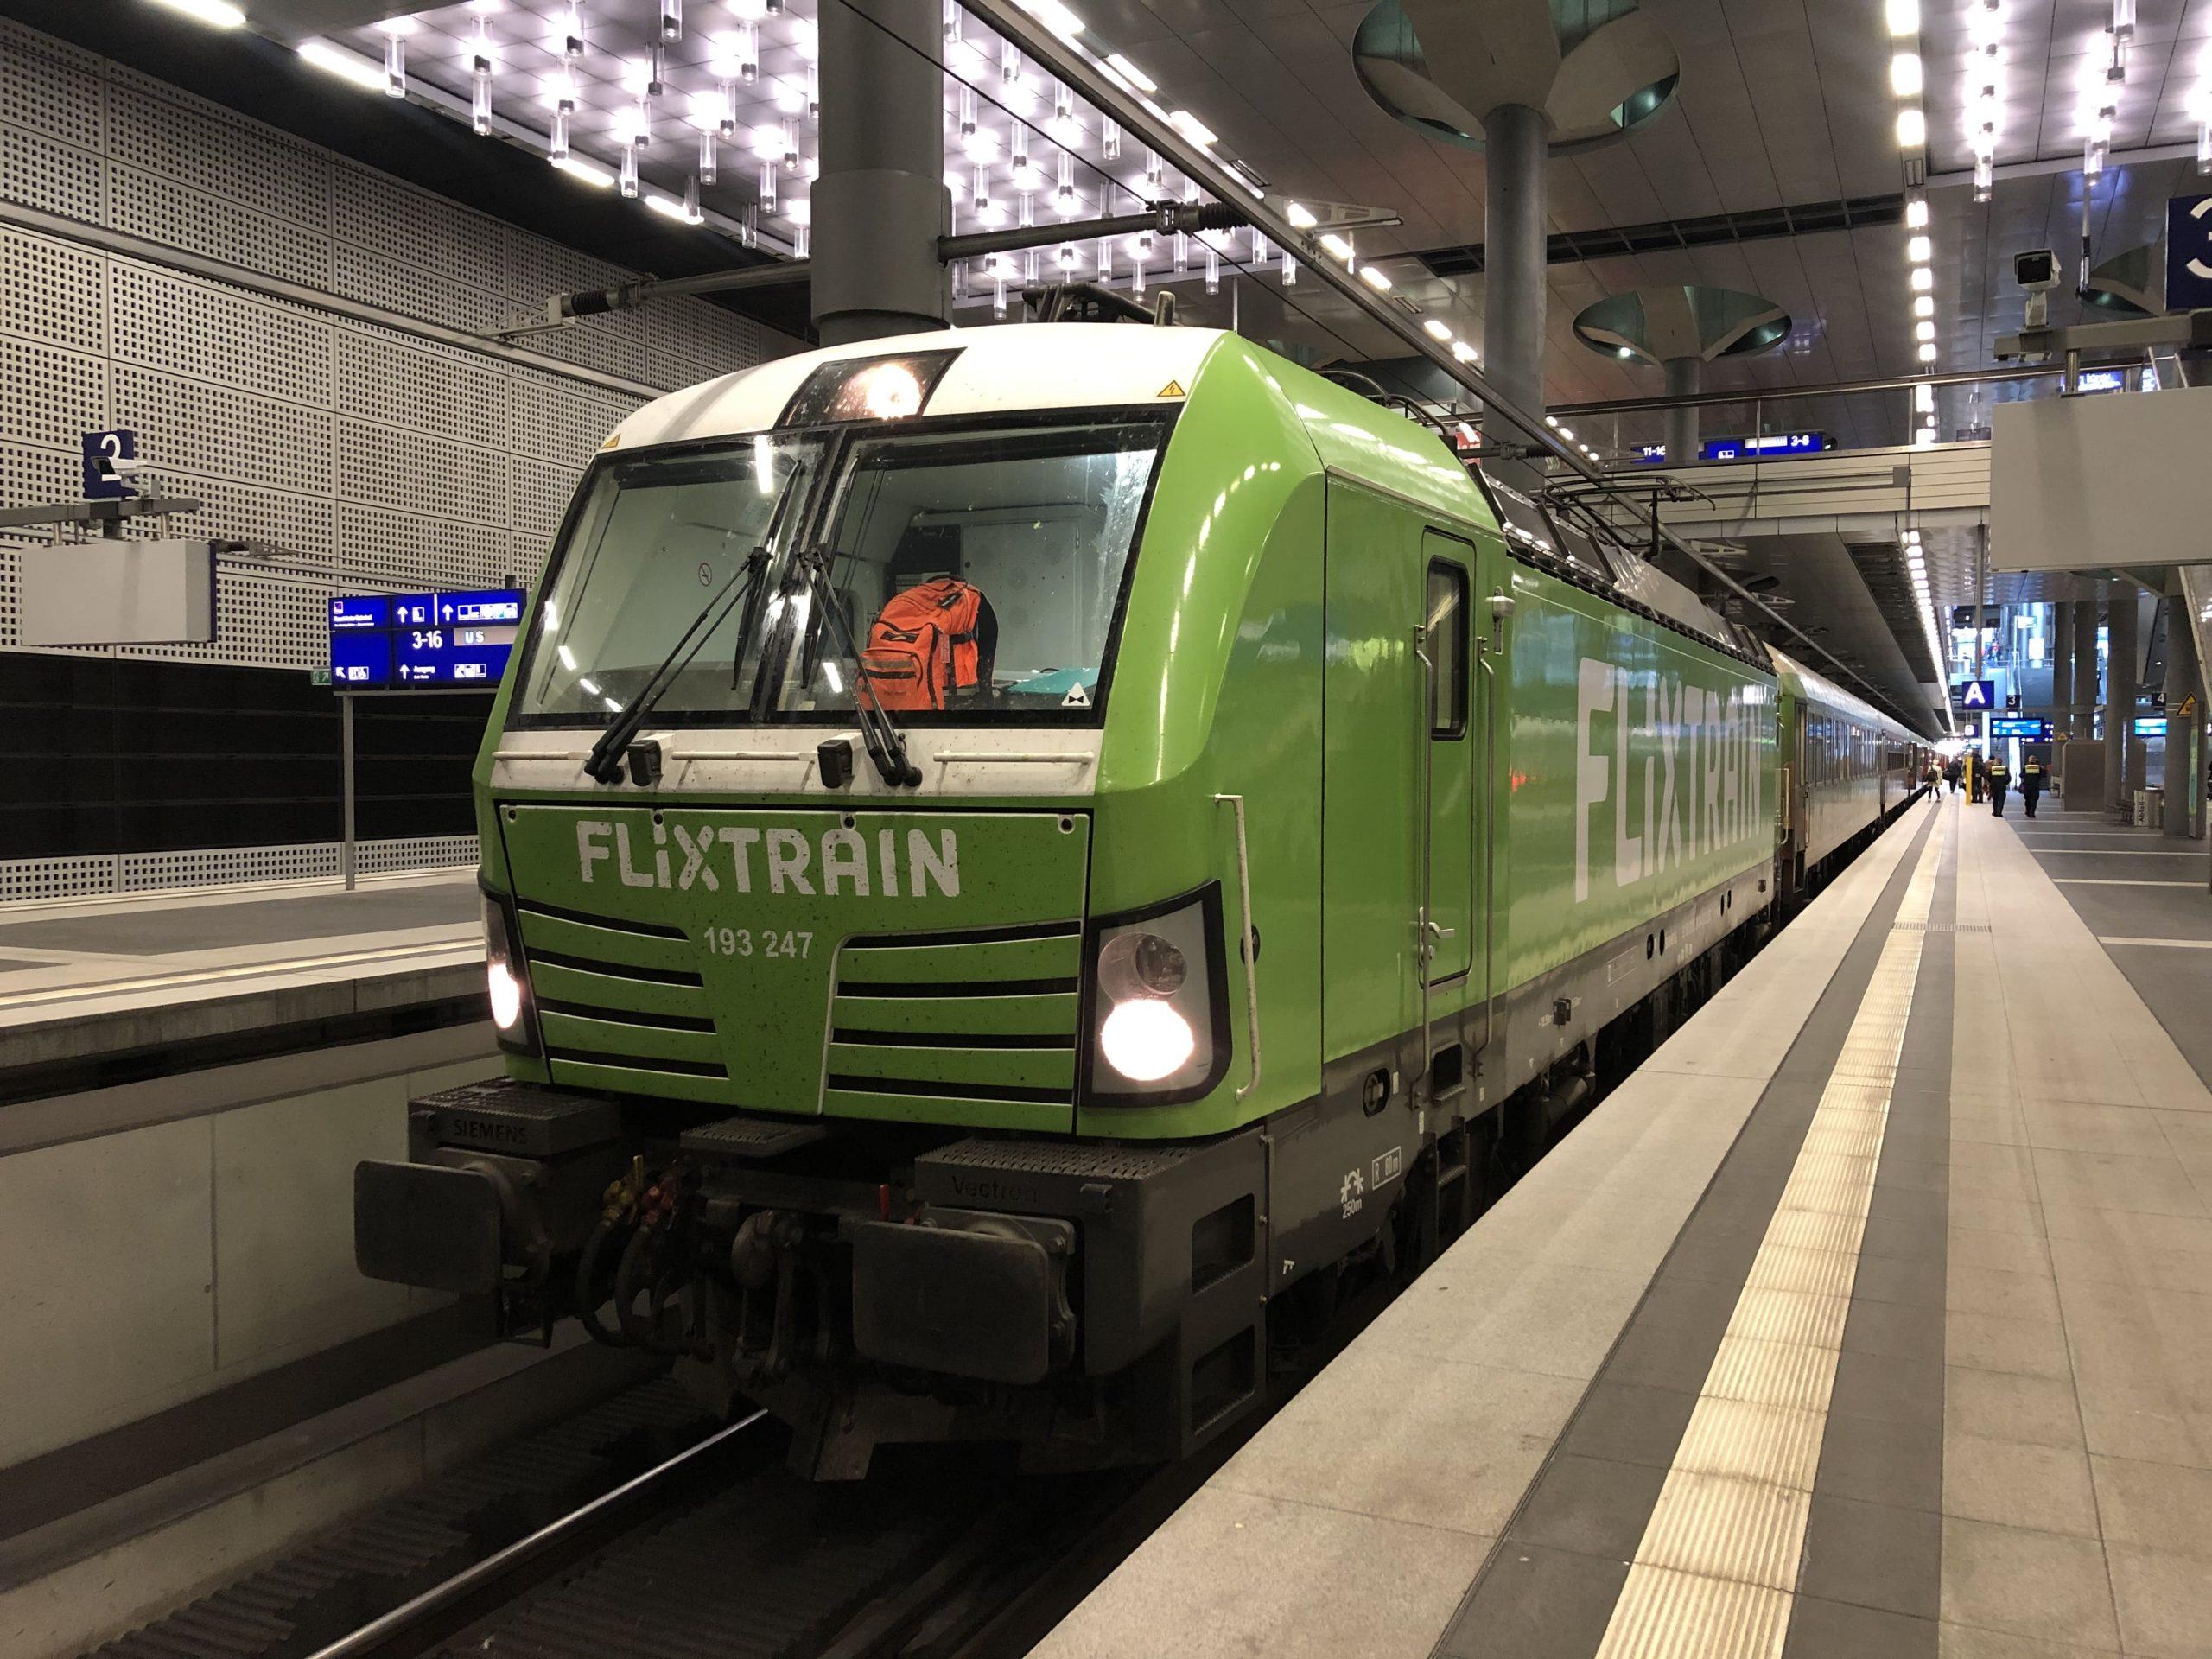 ©Foto: Jan Krehl | railmen | FLIXTRAIN – Endstation Berlin HBF